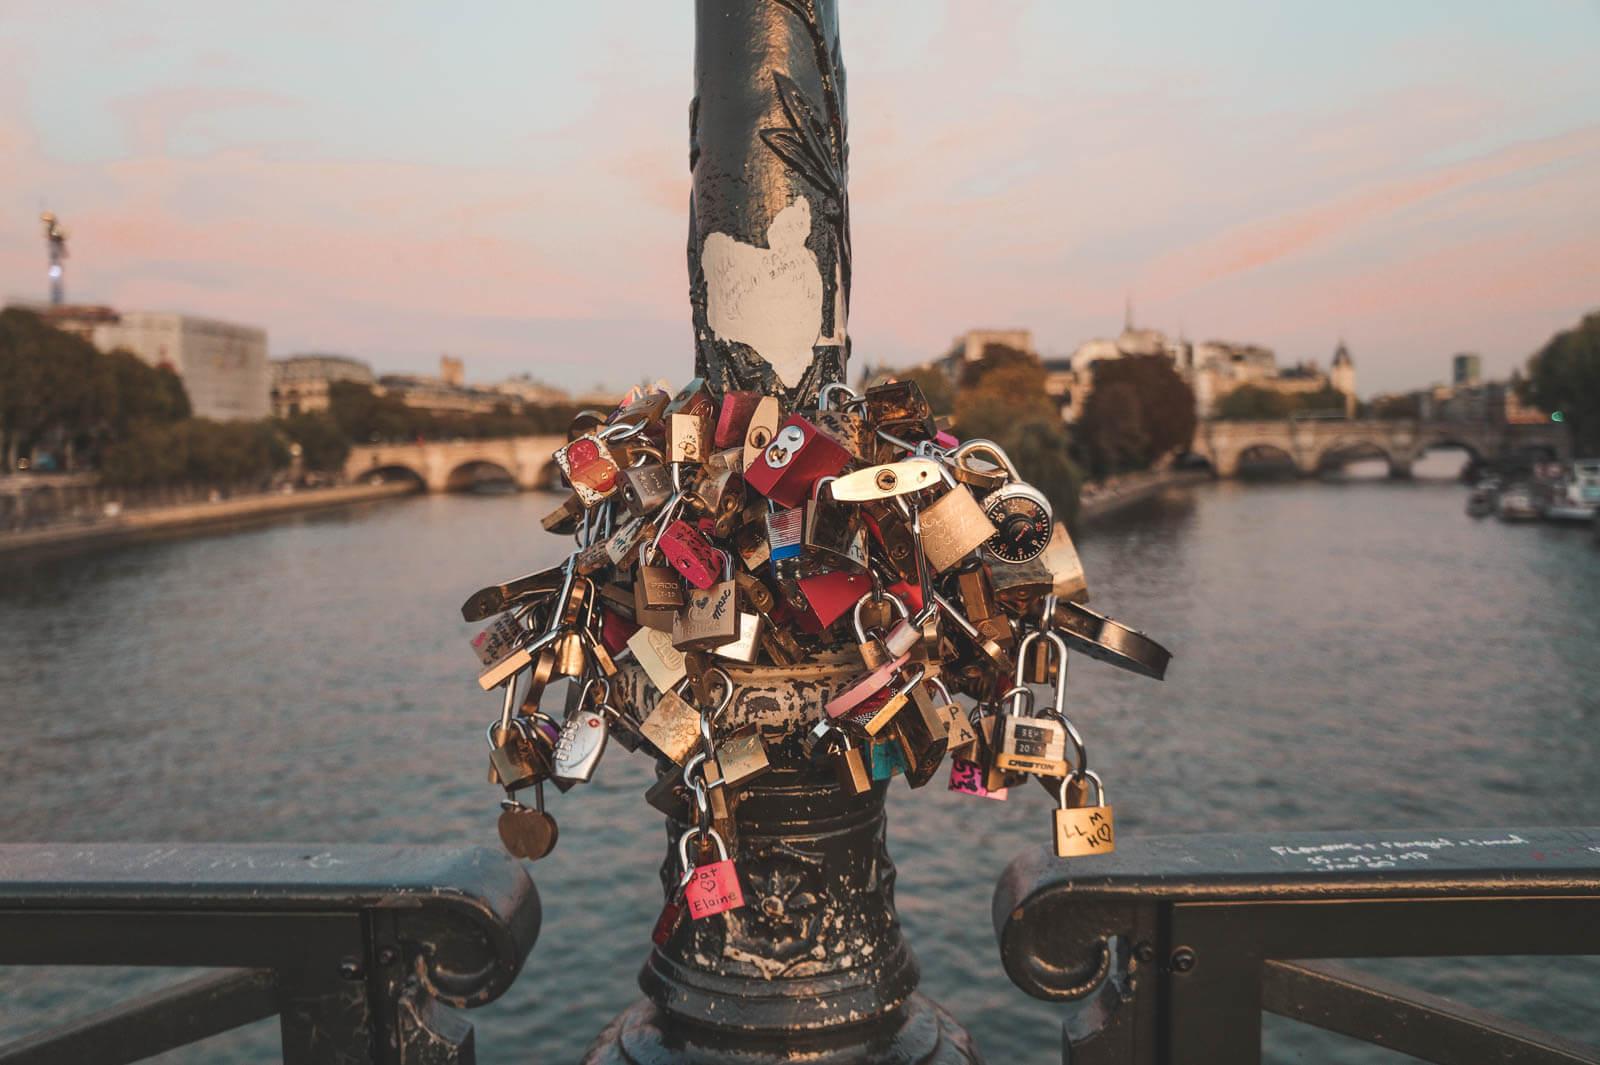 paris-my-parisienne-walkways-la-vie-en-blog-all-rights-reserved-59